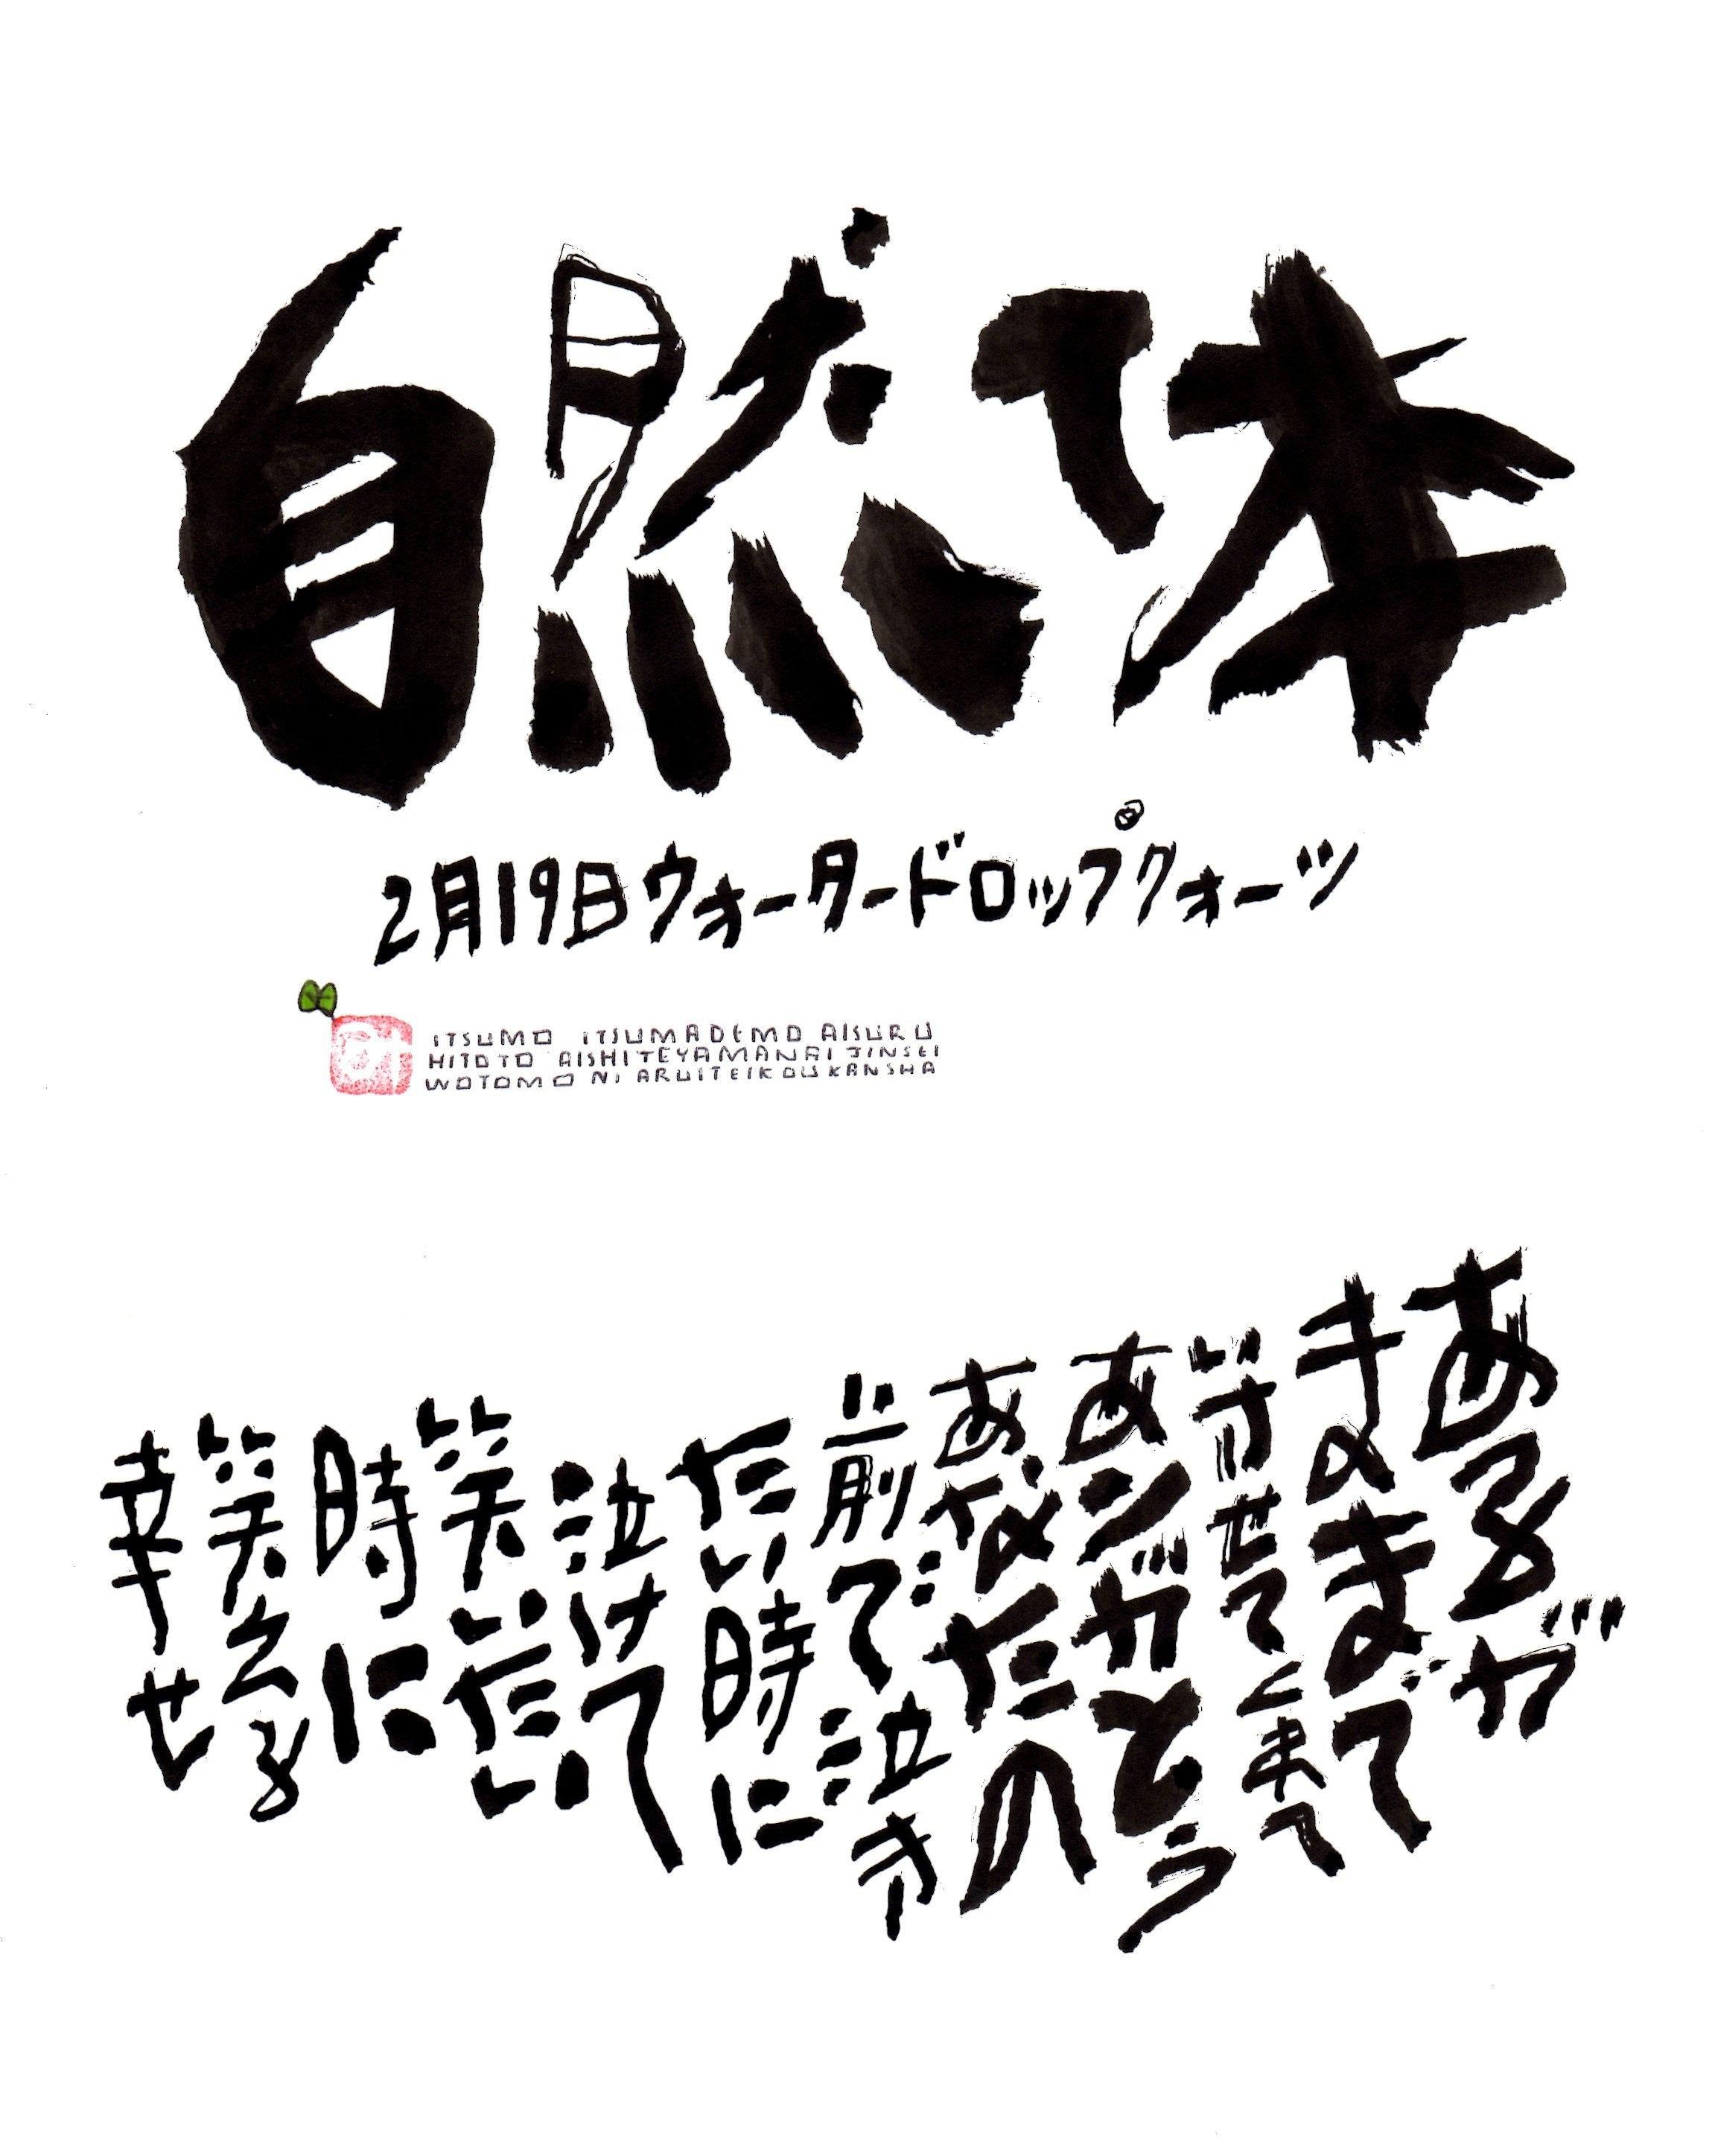 2月19日 結婚記念日ポストカード【自然体】